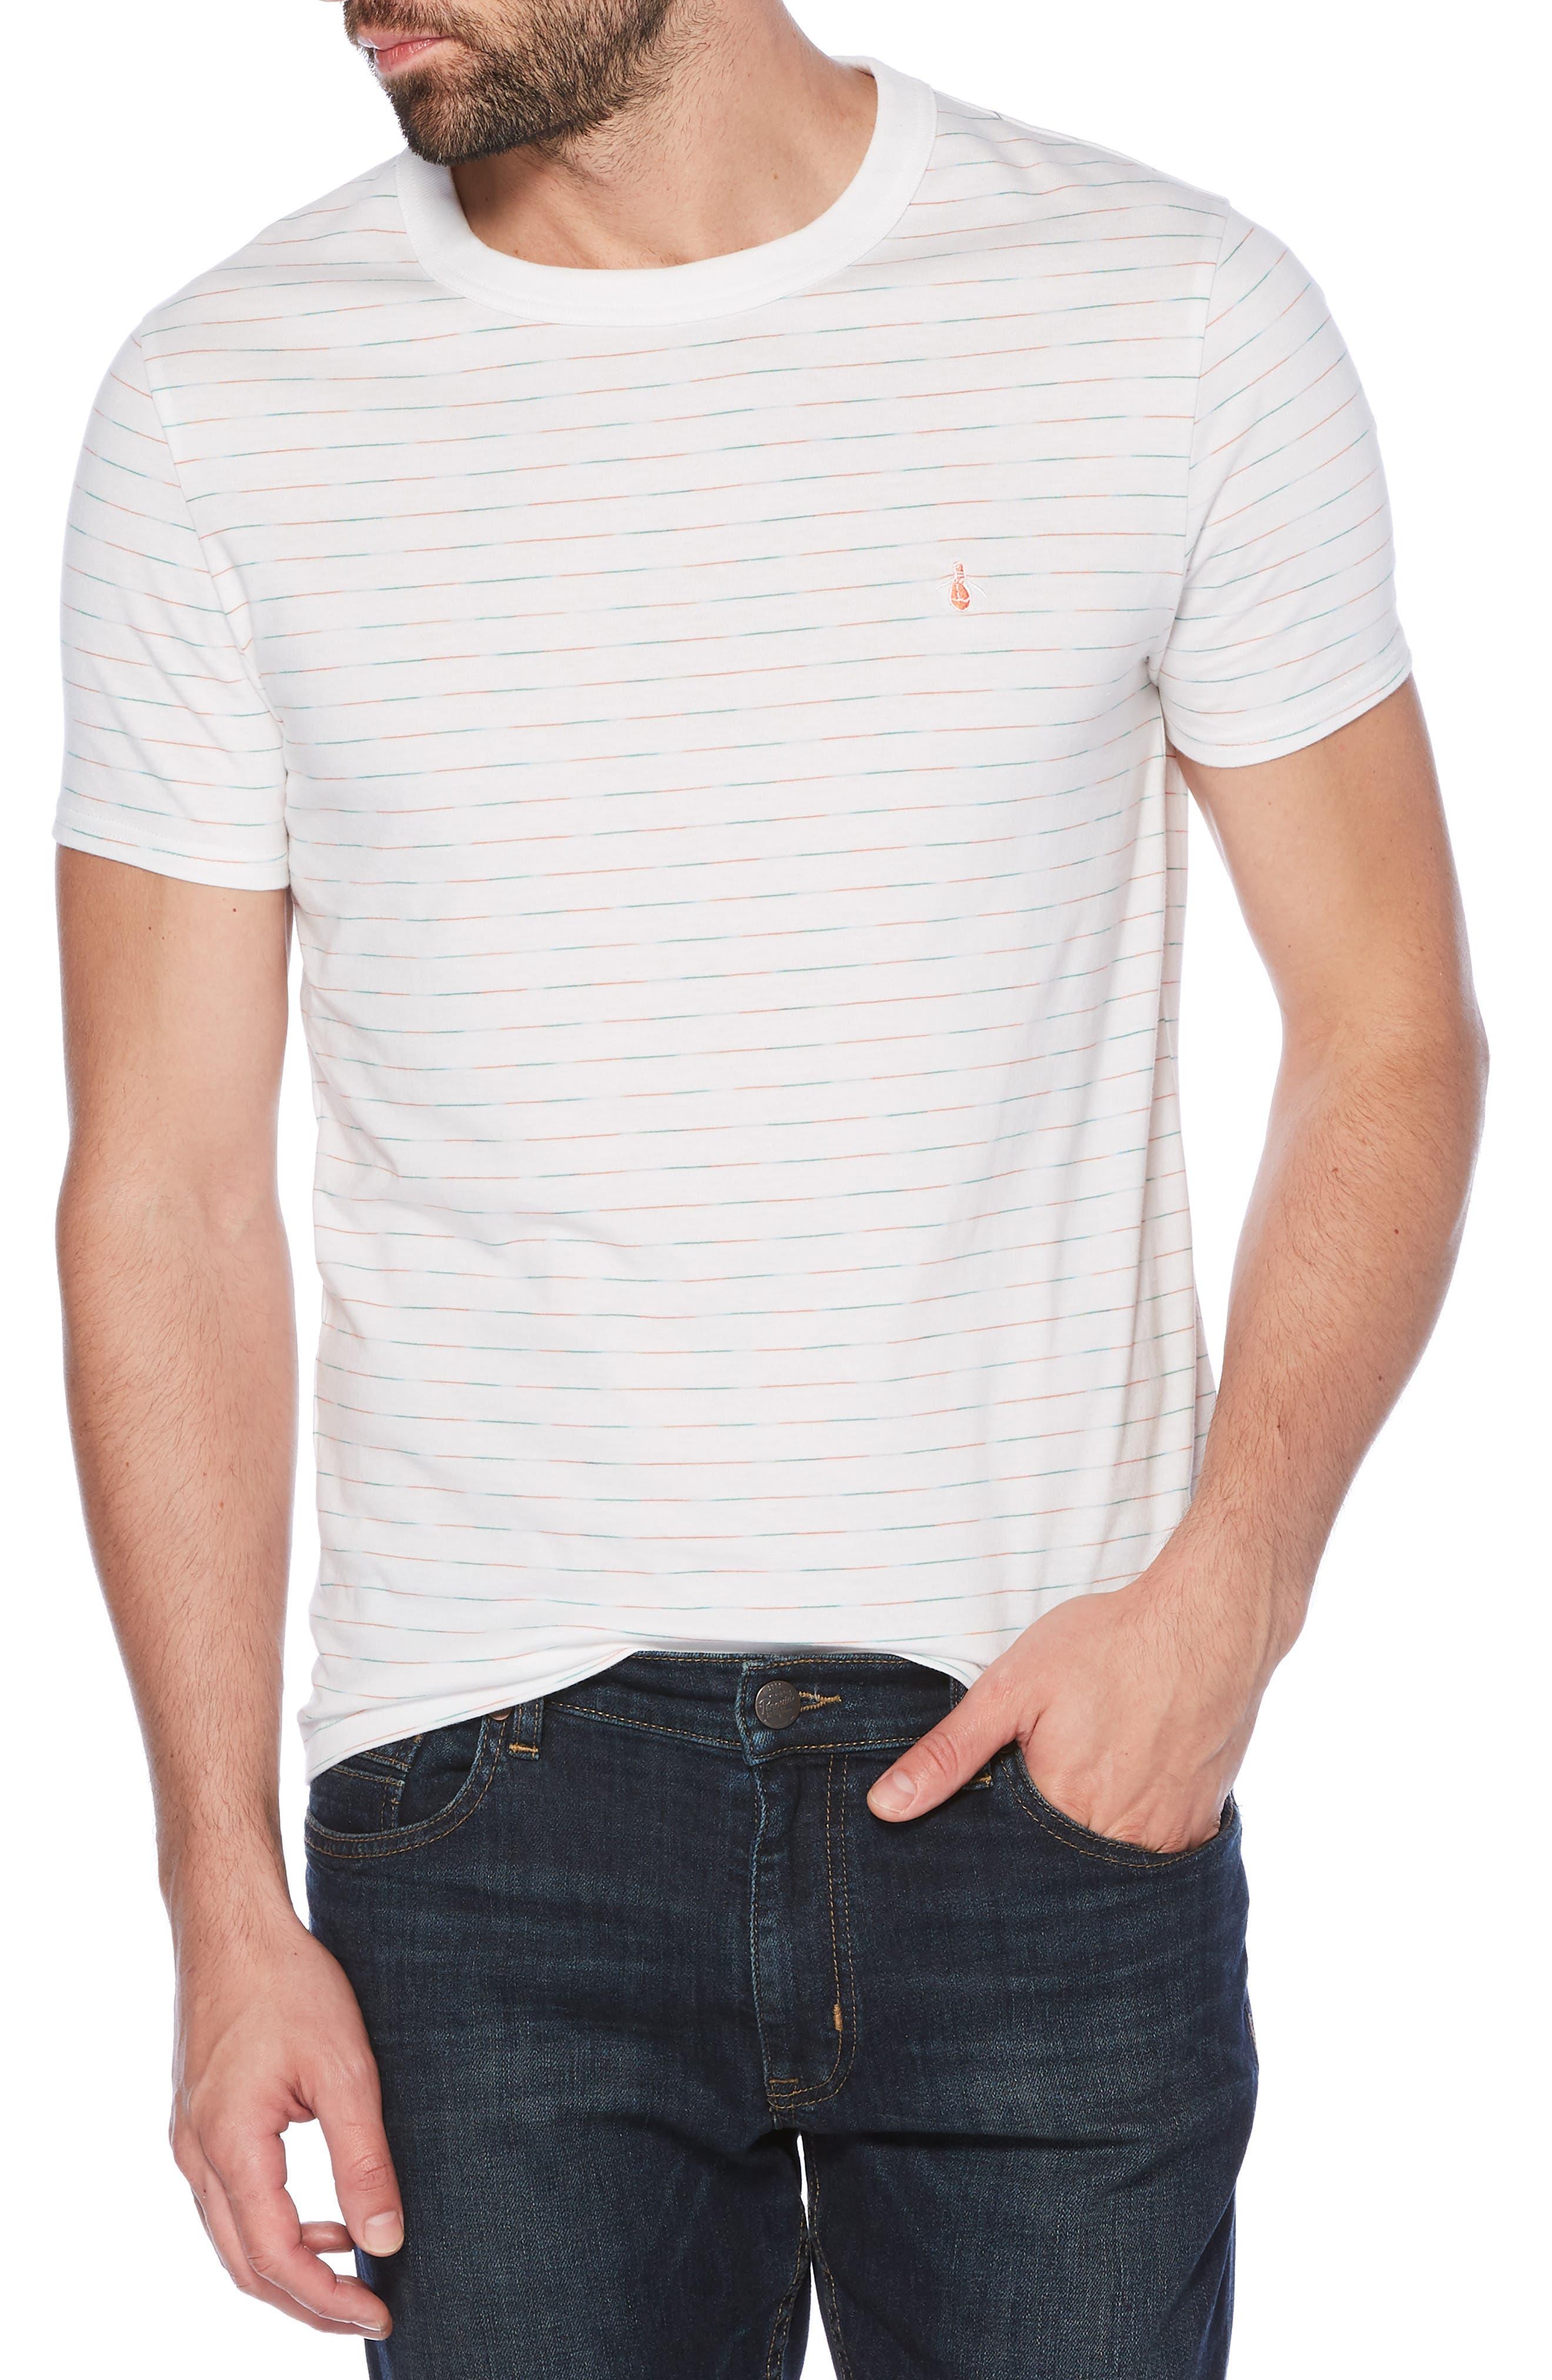 Space Dye Stripe T-Shirt,                             Main thumbnail 1, color,                             BRIGHT WHITE